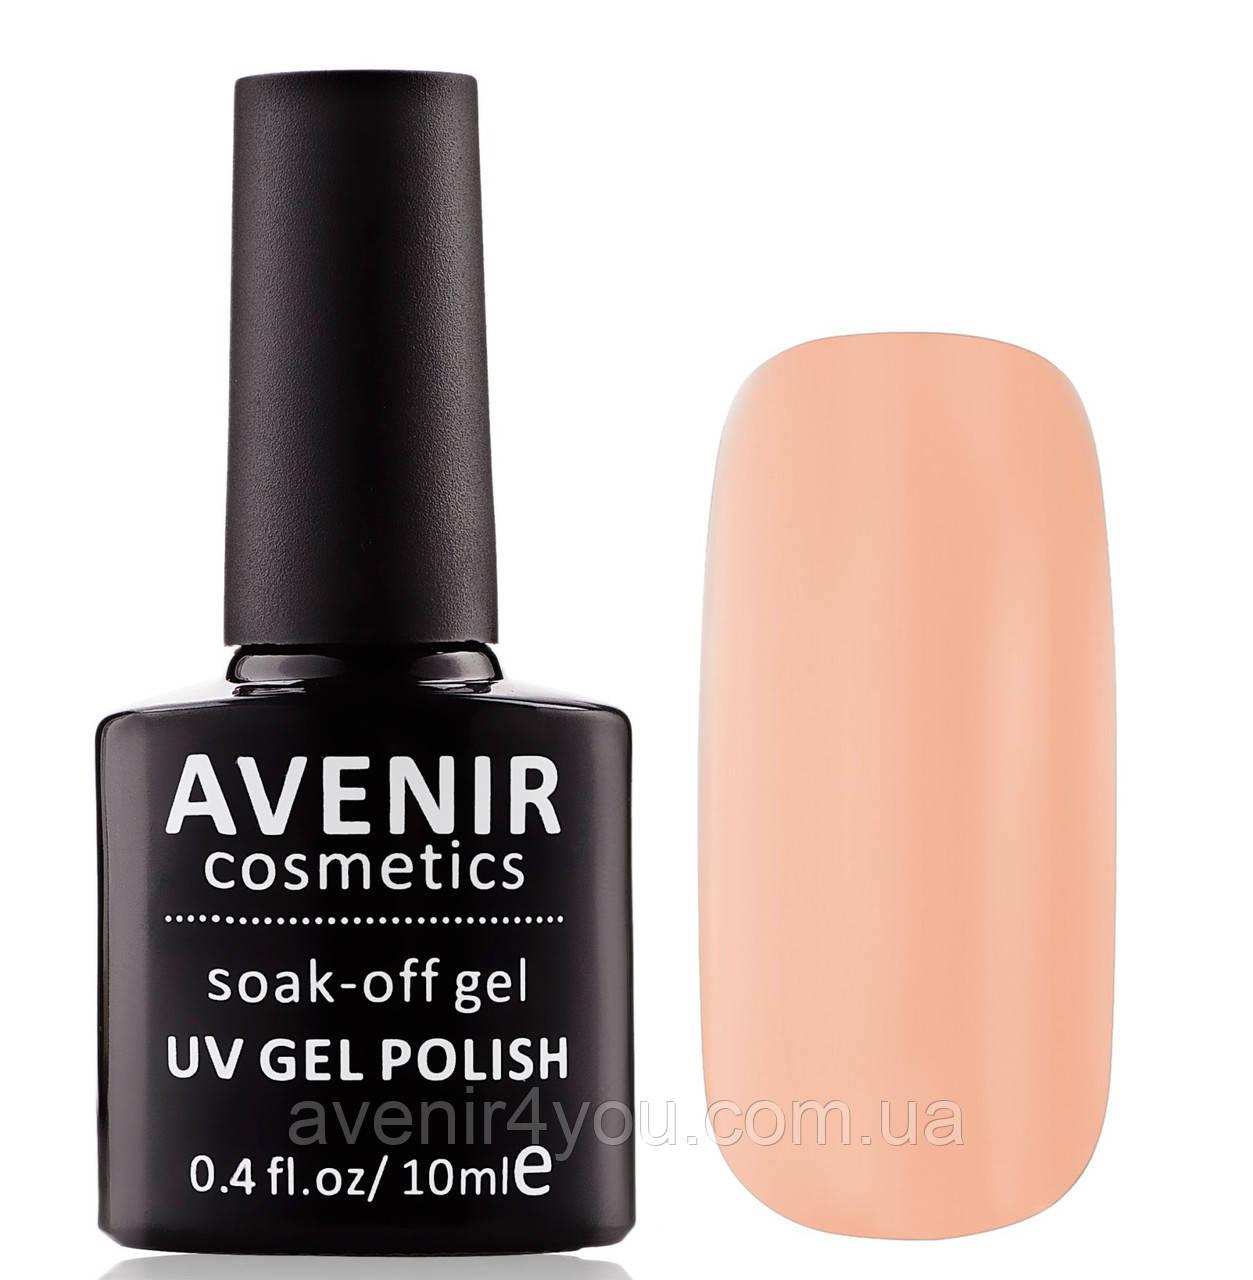 Гель-лак AVENIR Cosmetics №17. Персиково-бежевий